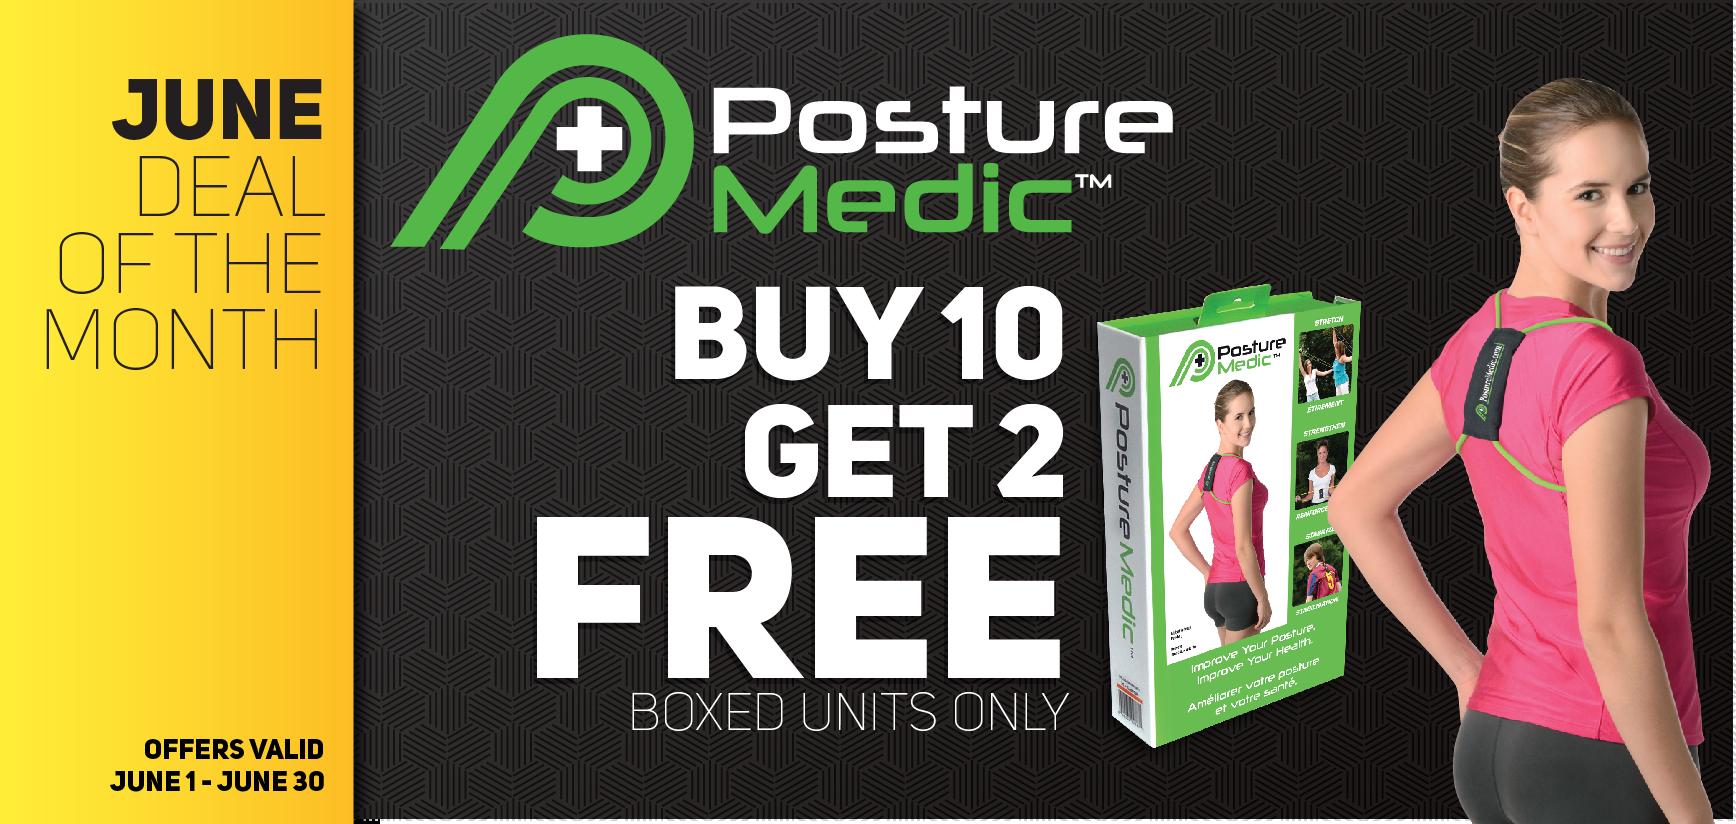 Posture Medic Offer